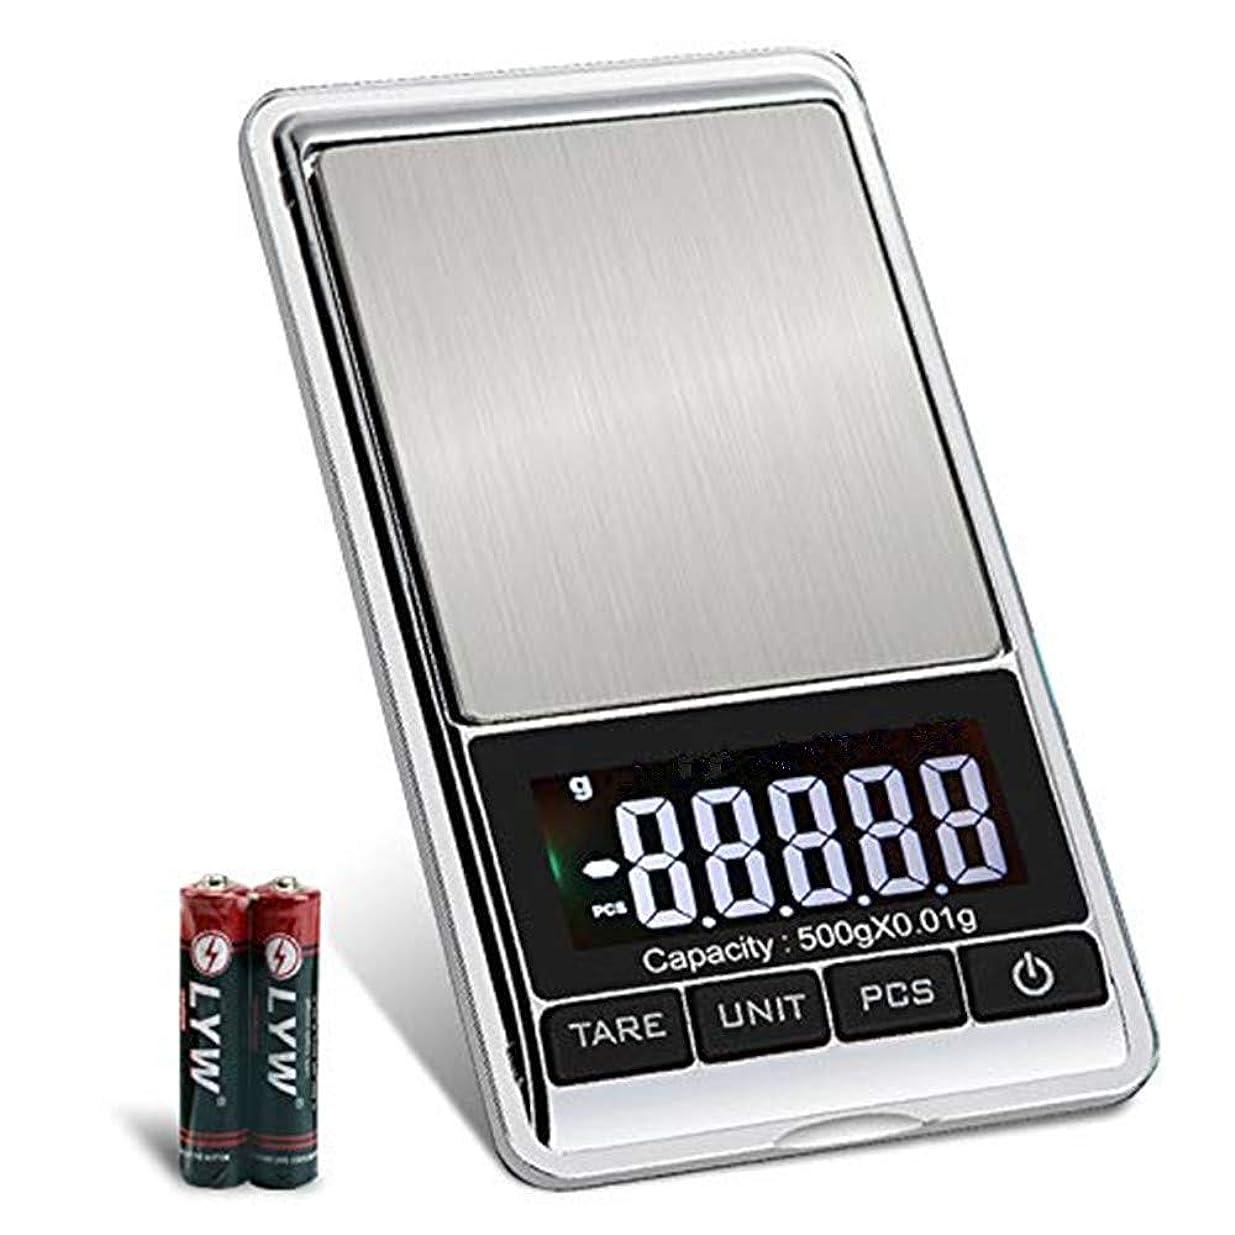 空洞しばしば速度PALMOO ポケットスケール 高精度デジタルスケール500g / 0.01gリロード、携帯タイプ ポケットデジタル スケール 業務用(プロ用) 計測